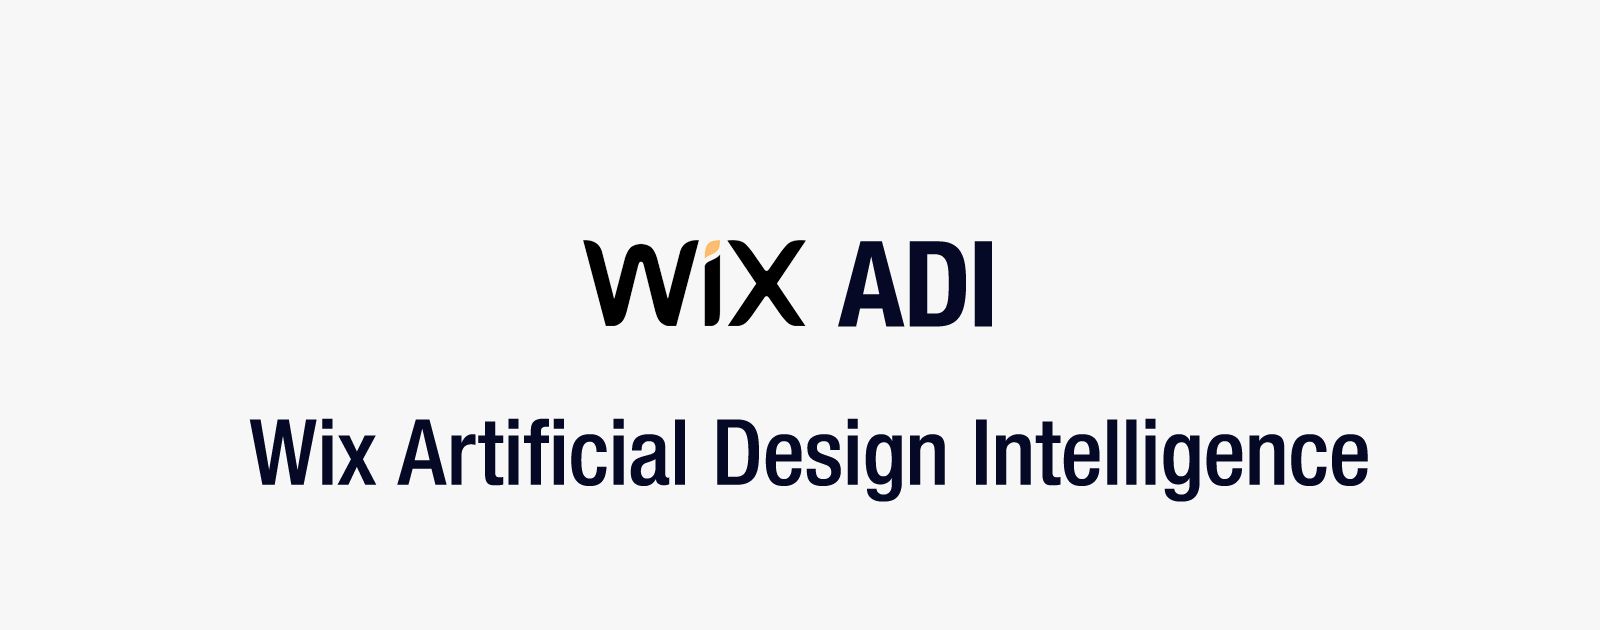 Web制作の仕組みを根底から覆すかもしれないWix ADIの人工知能